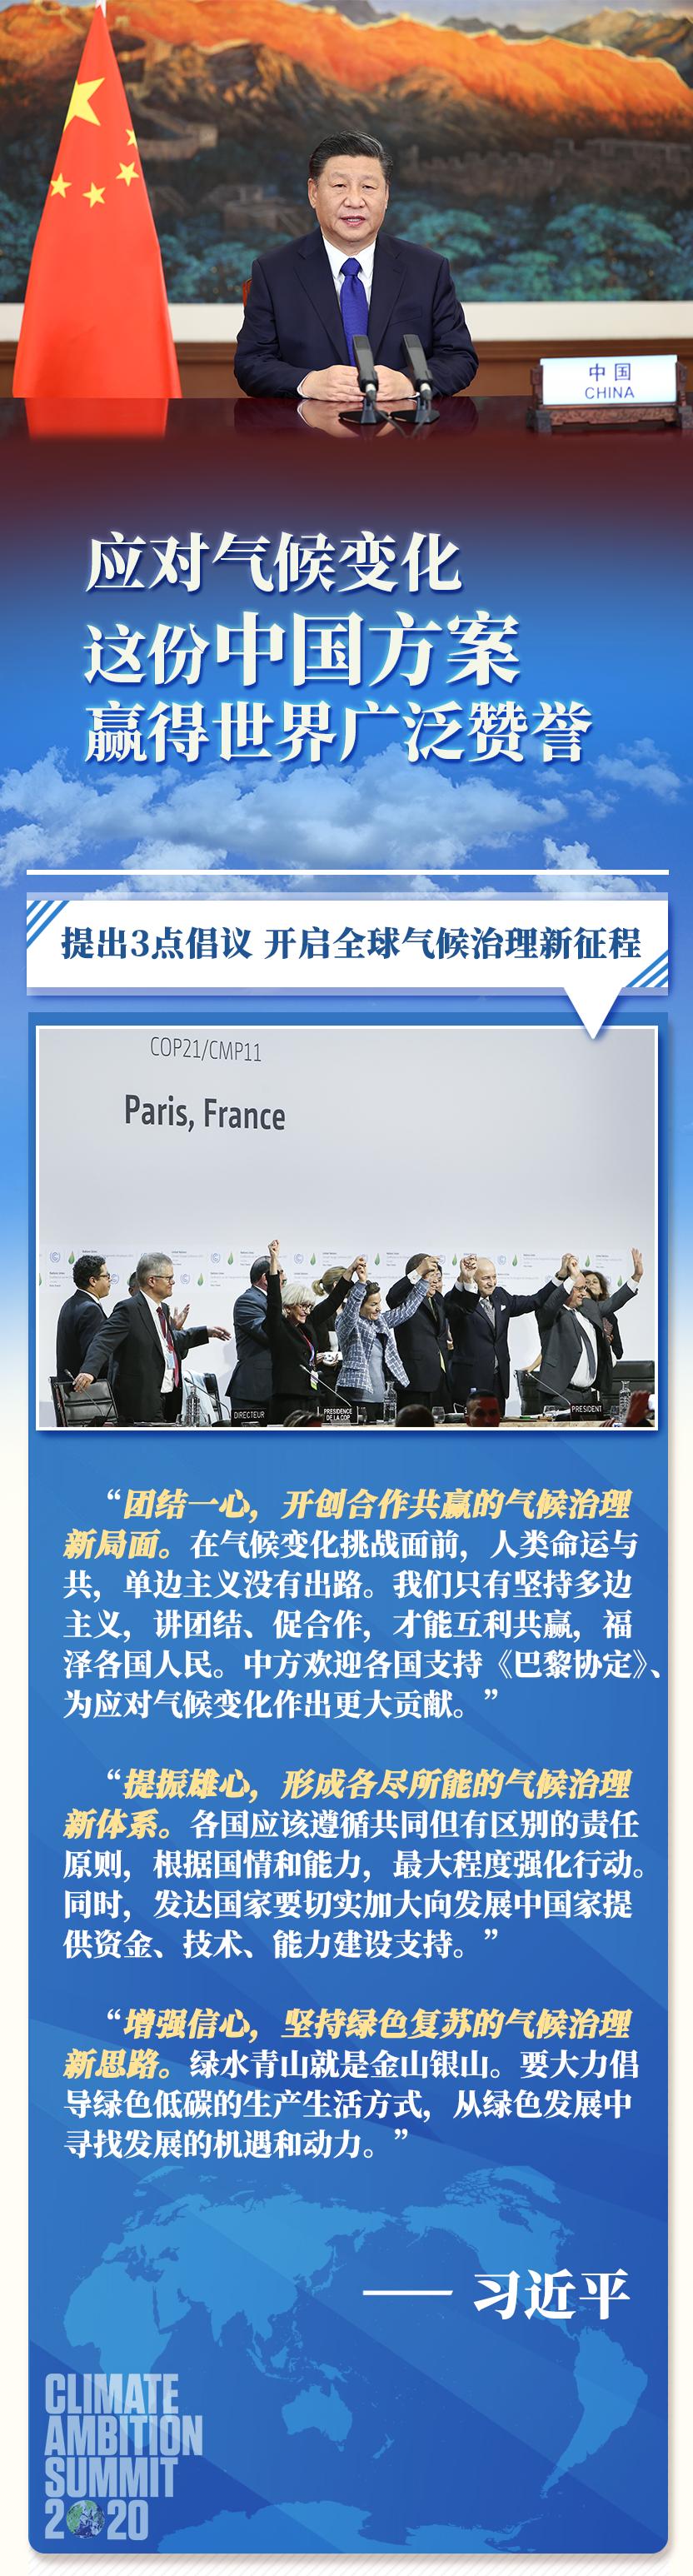 第一报道 | 应对气候变化 这份中国方案赢得世界